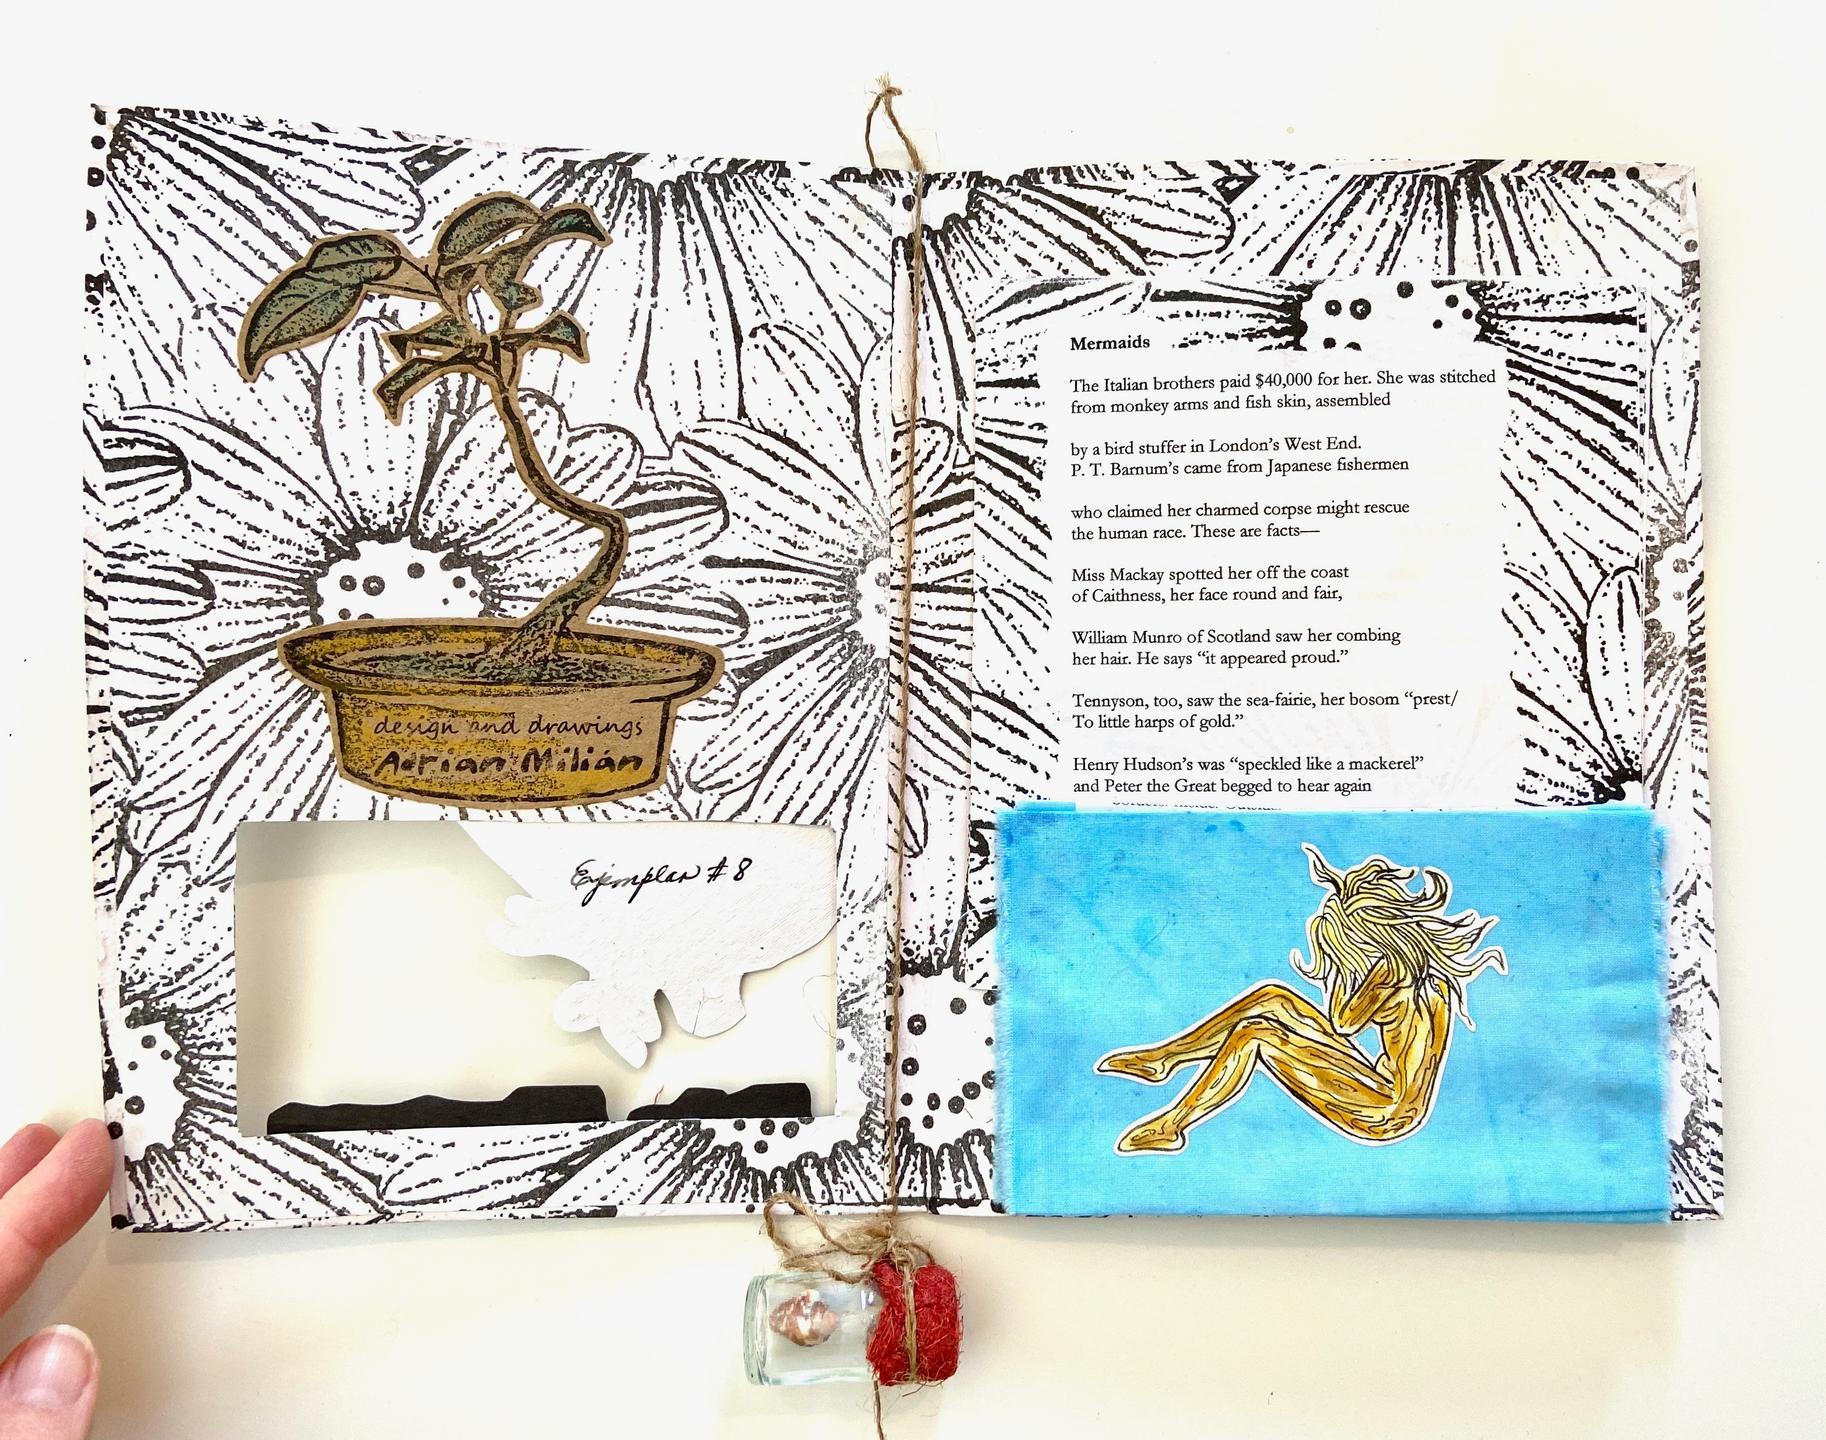 Chapbook handmade by book artists of Matanzas, Cuba's Ediciones Vigía with Rebe Huntman's poem Mermaids